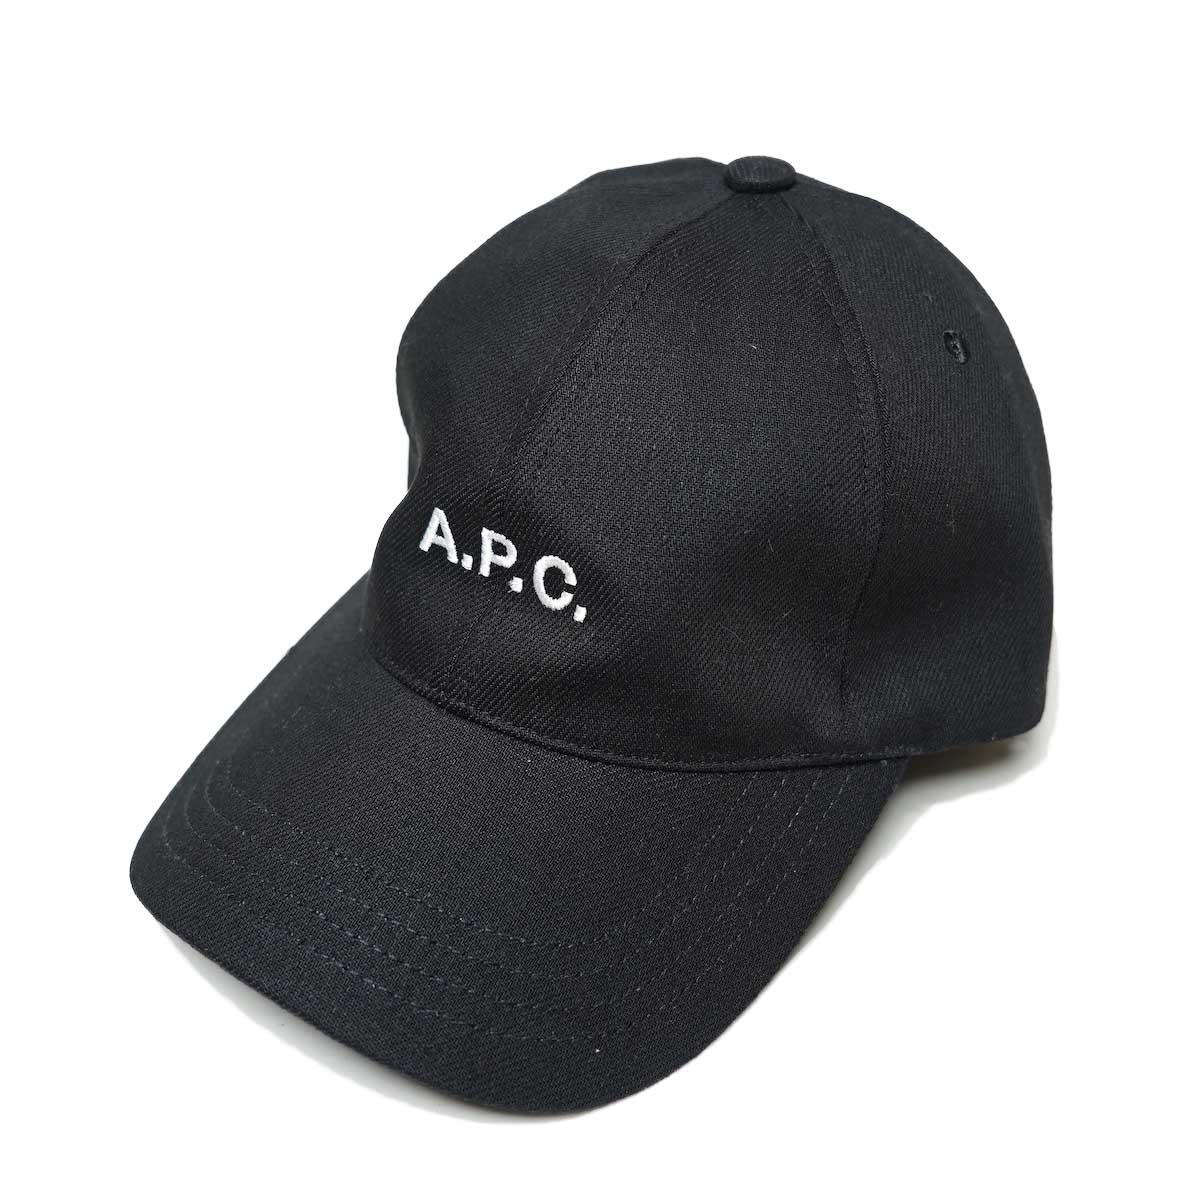 A.P.C / Charlie キャスケット (Black) 全体